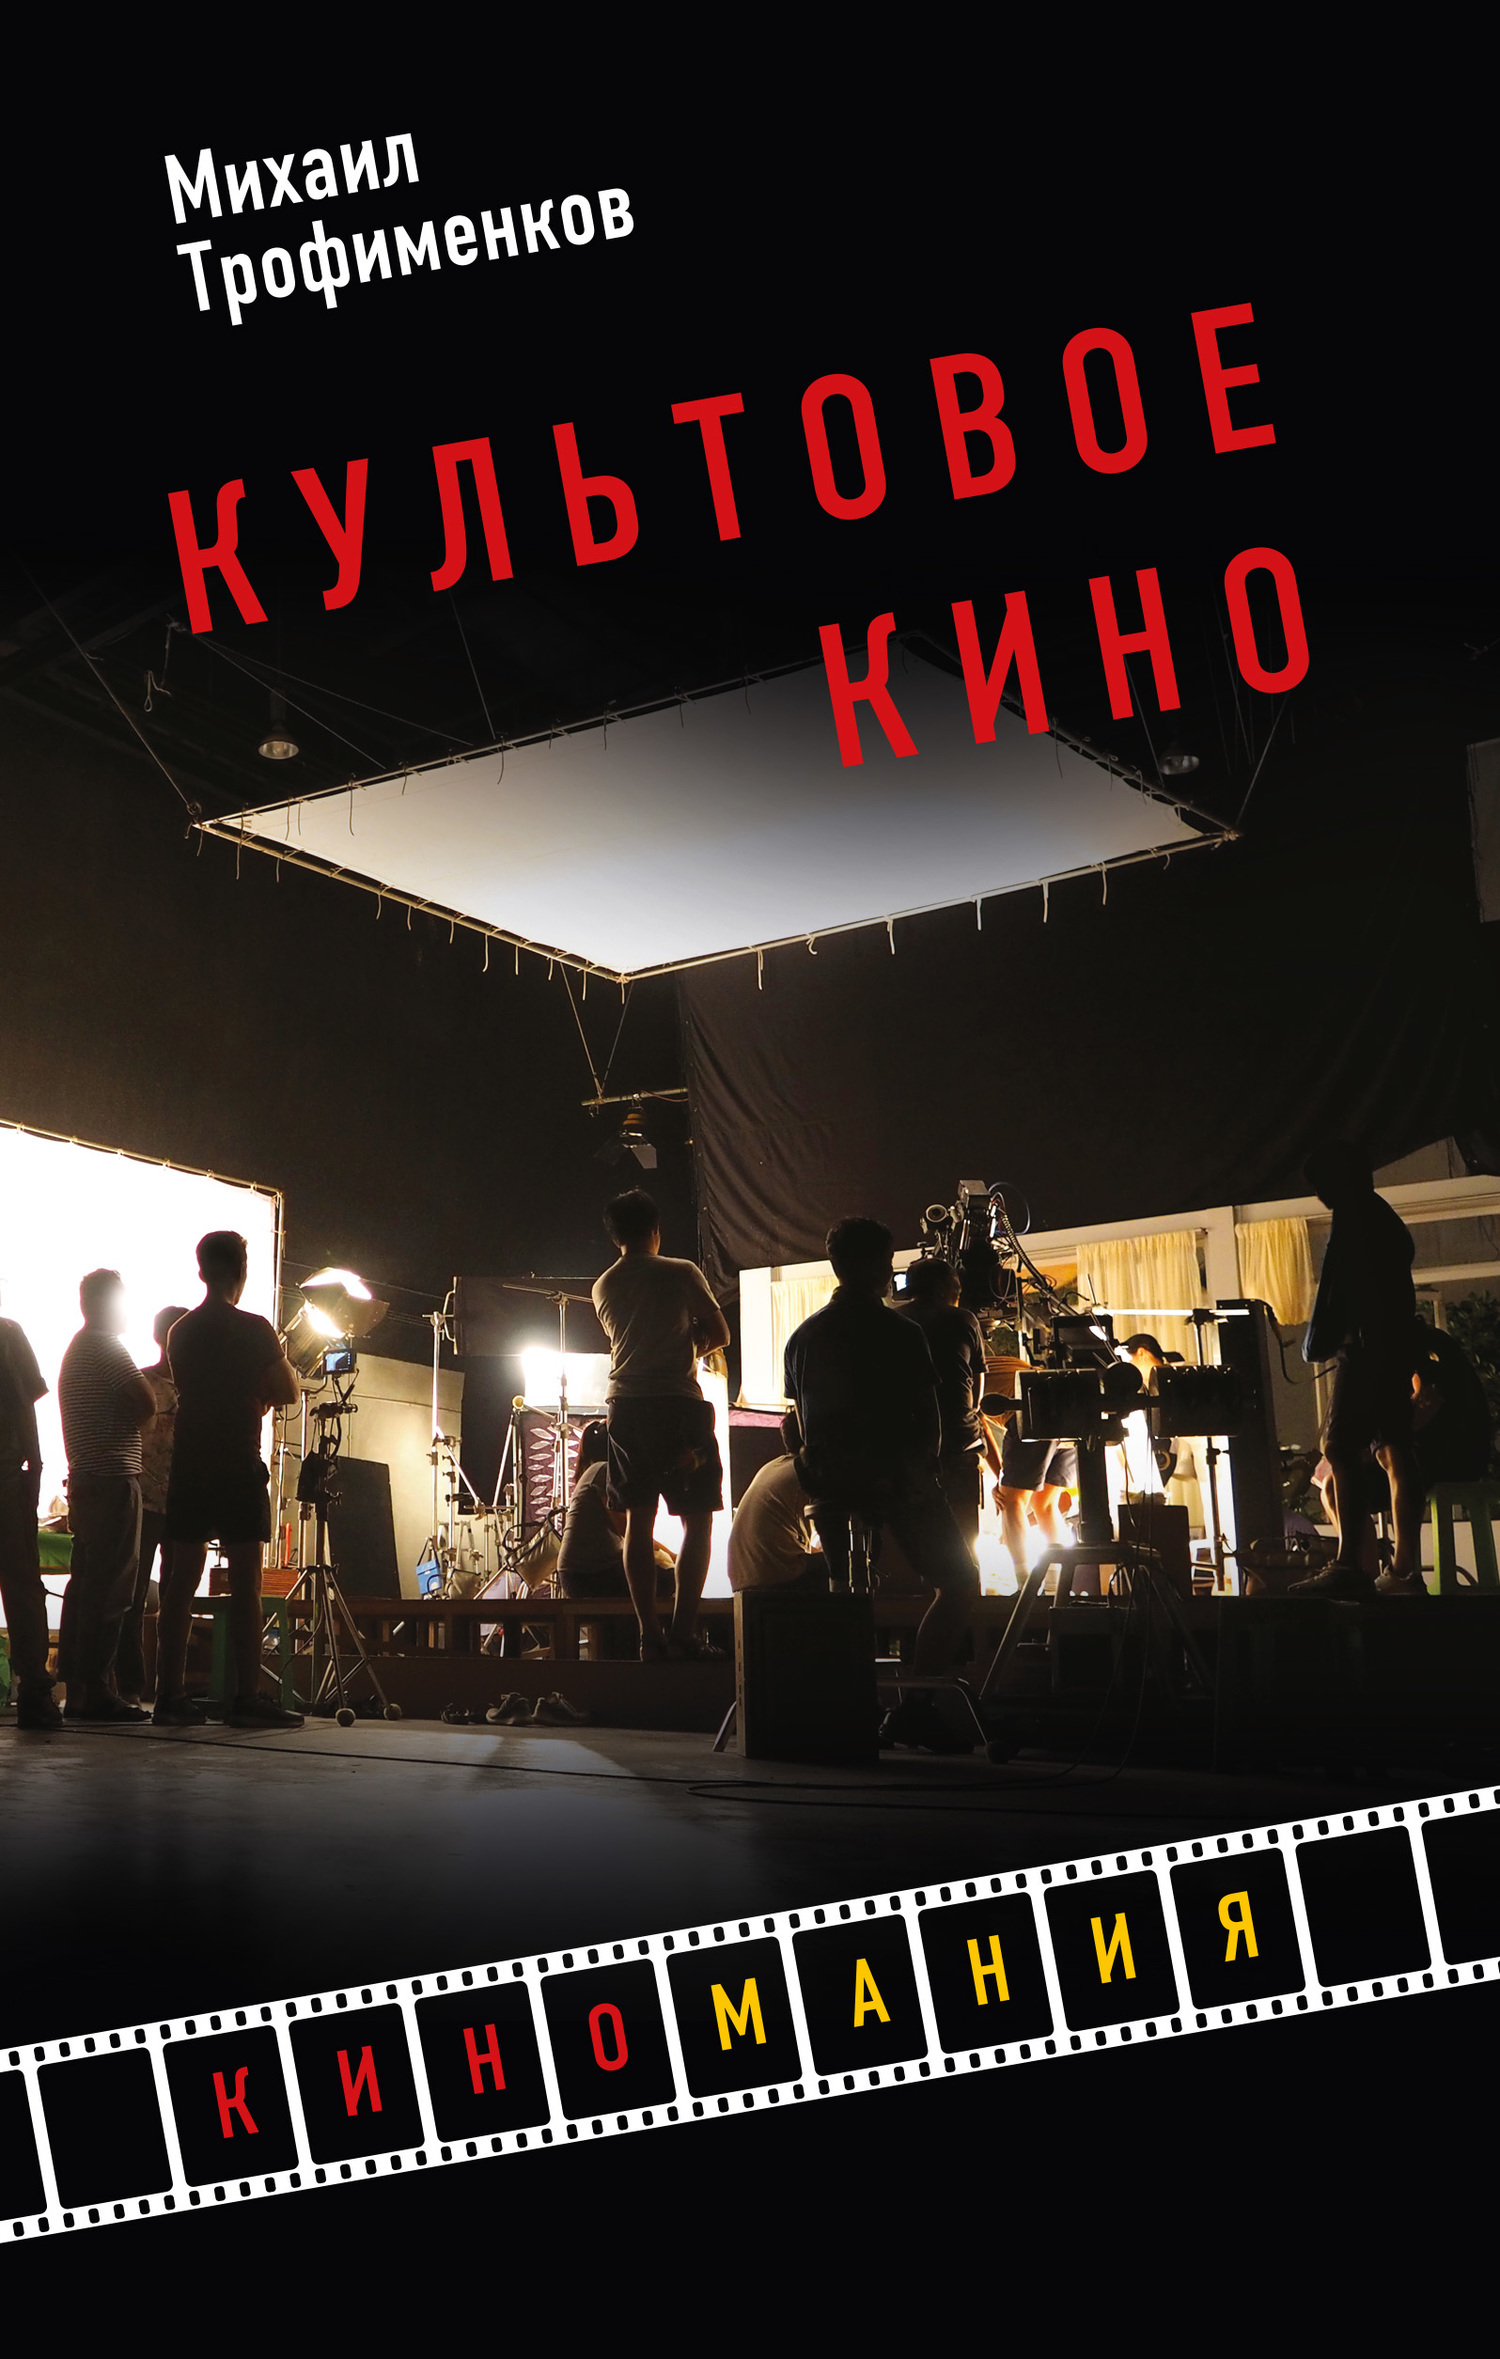 Культовое кино